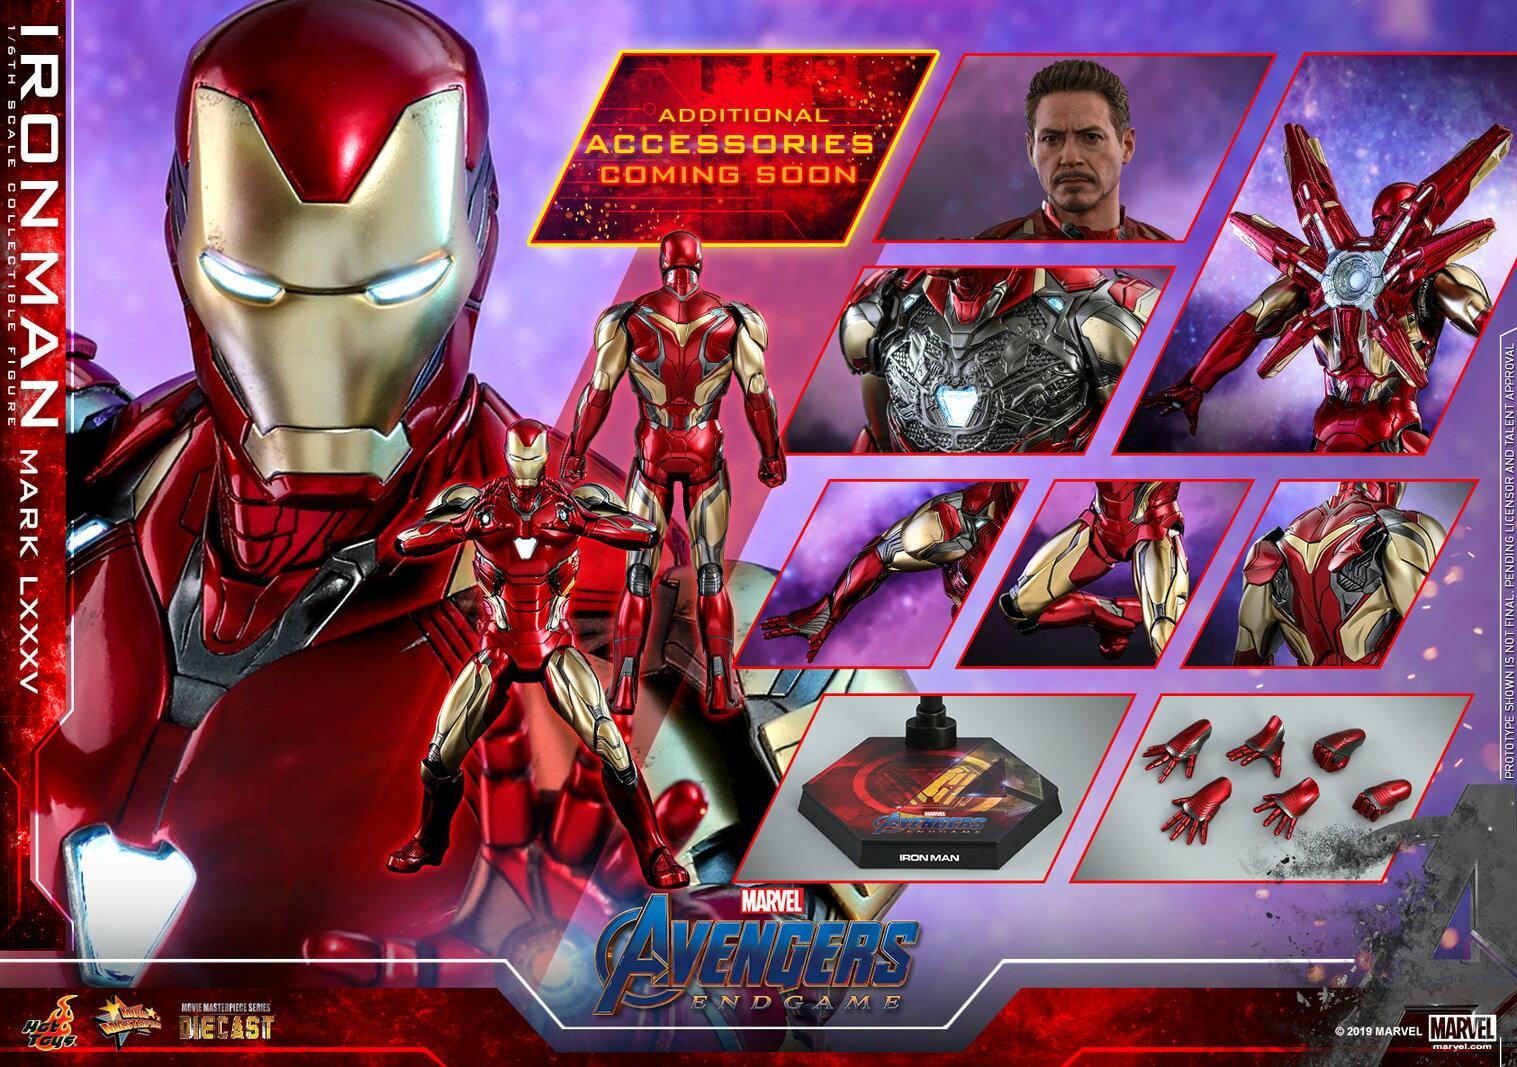 コレクション, フィギュア Hottoys MMS528D30 85 16 Avengers: Endgame - Iron Man Mark 85